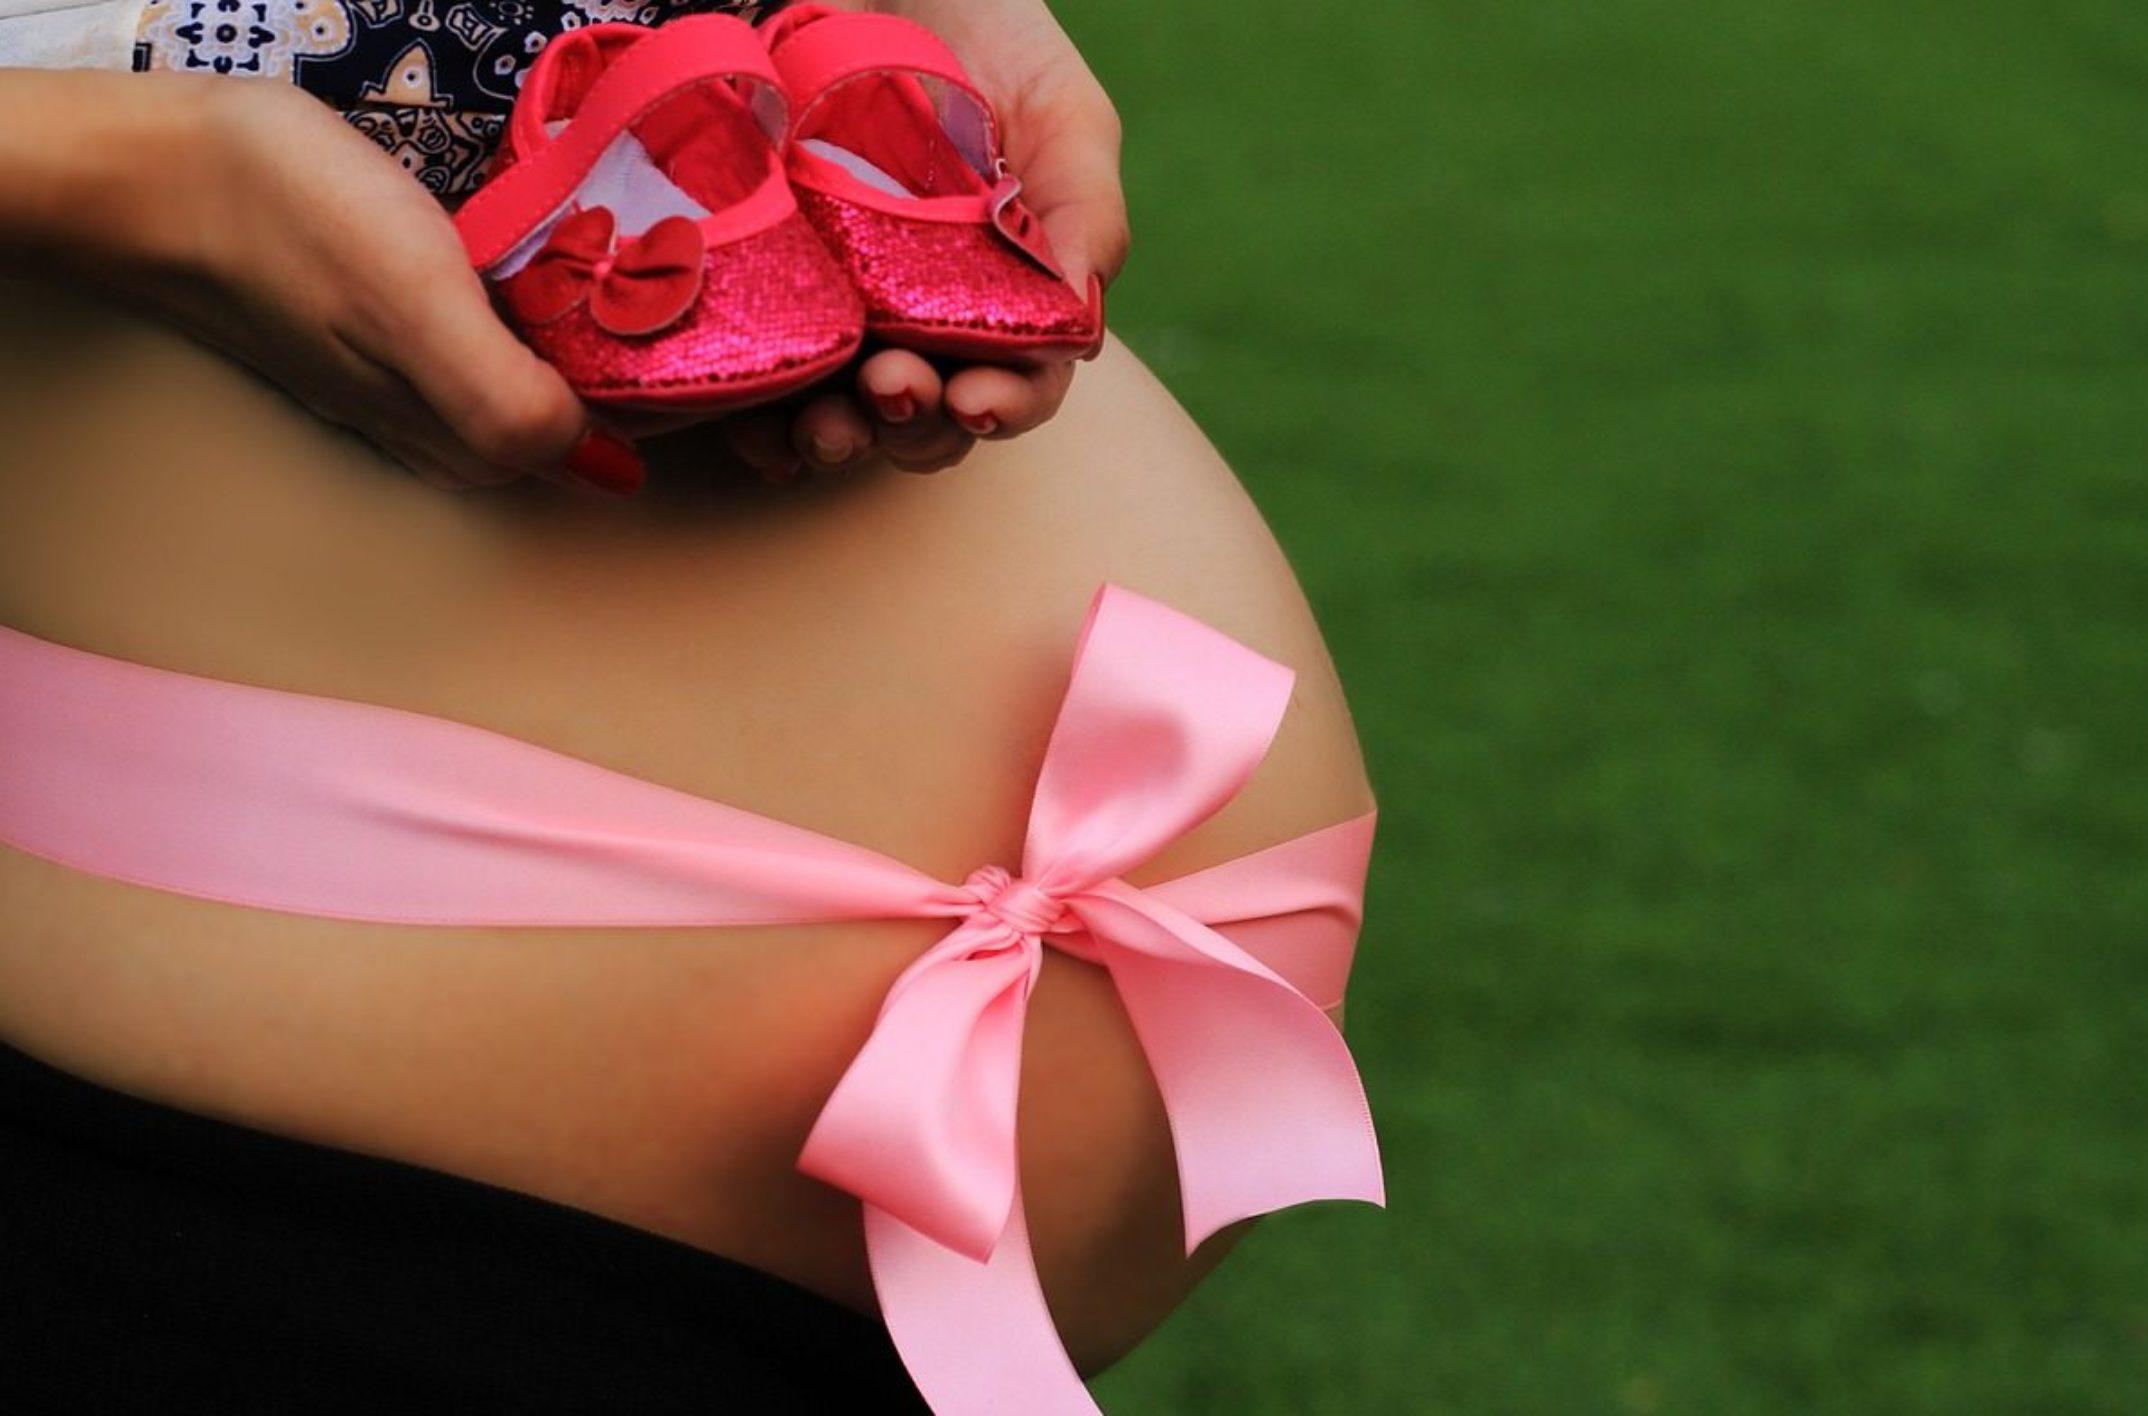 Comment bien choisir un faire part de naissance pour fille?